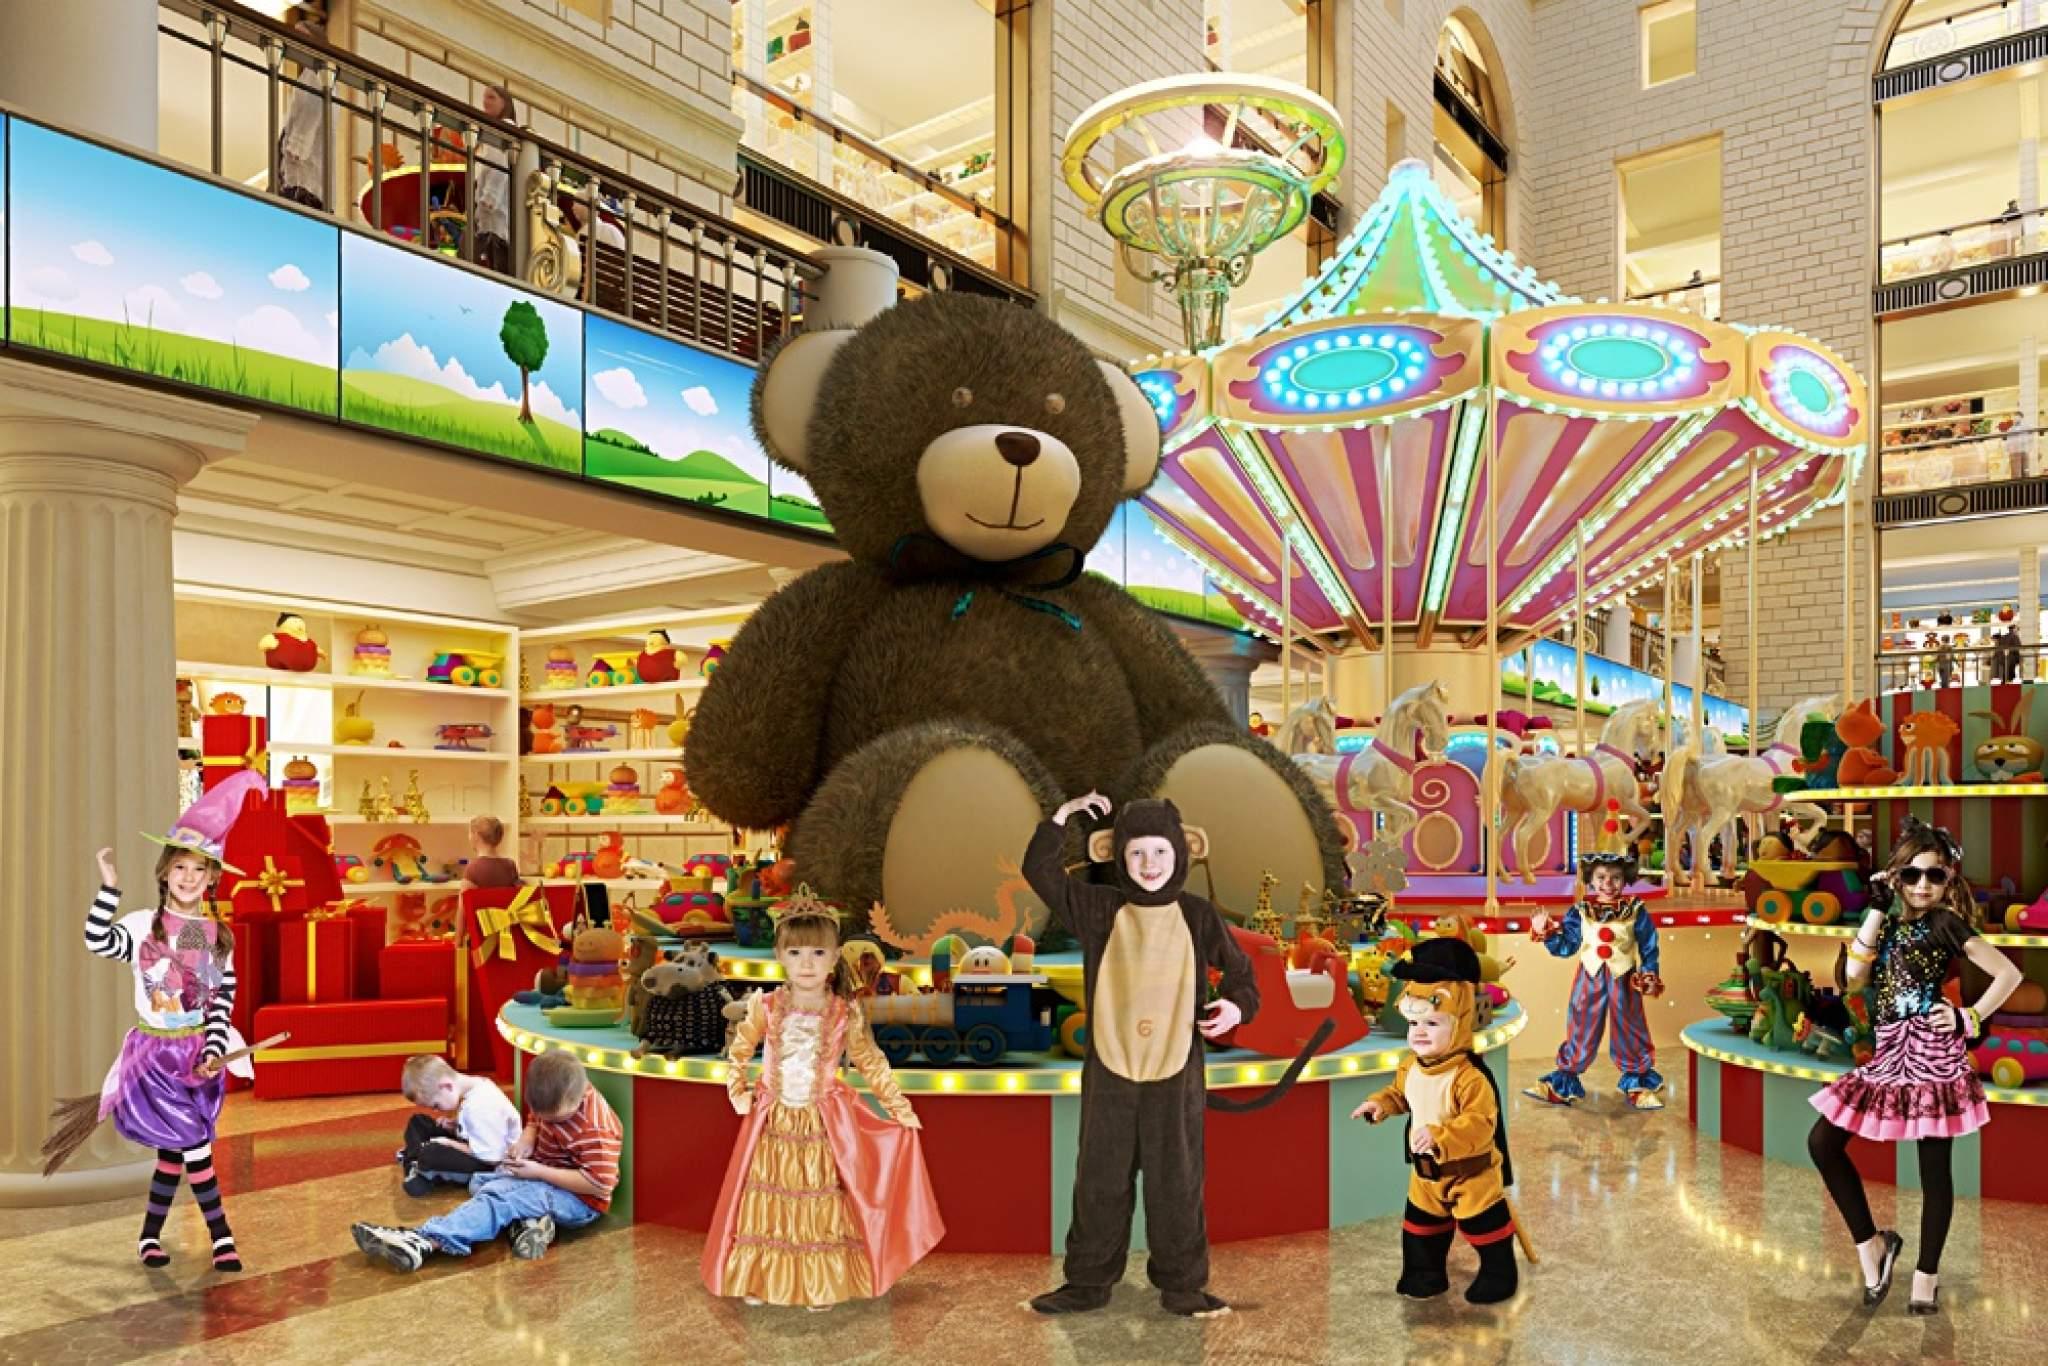 Товары для детей в интернет-магазине Детский мир систематизированы и  размещены на страницах с яркими фотографиями и подробным описанием. 2898c43c03f